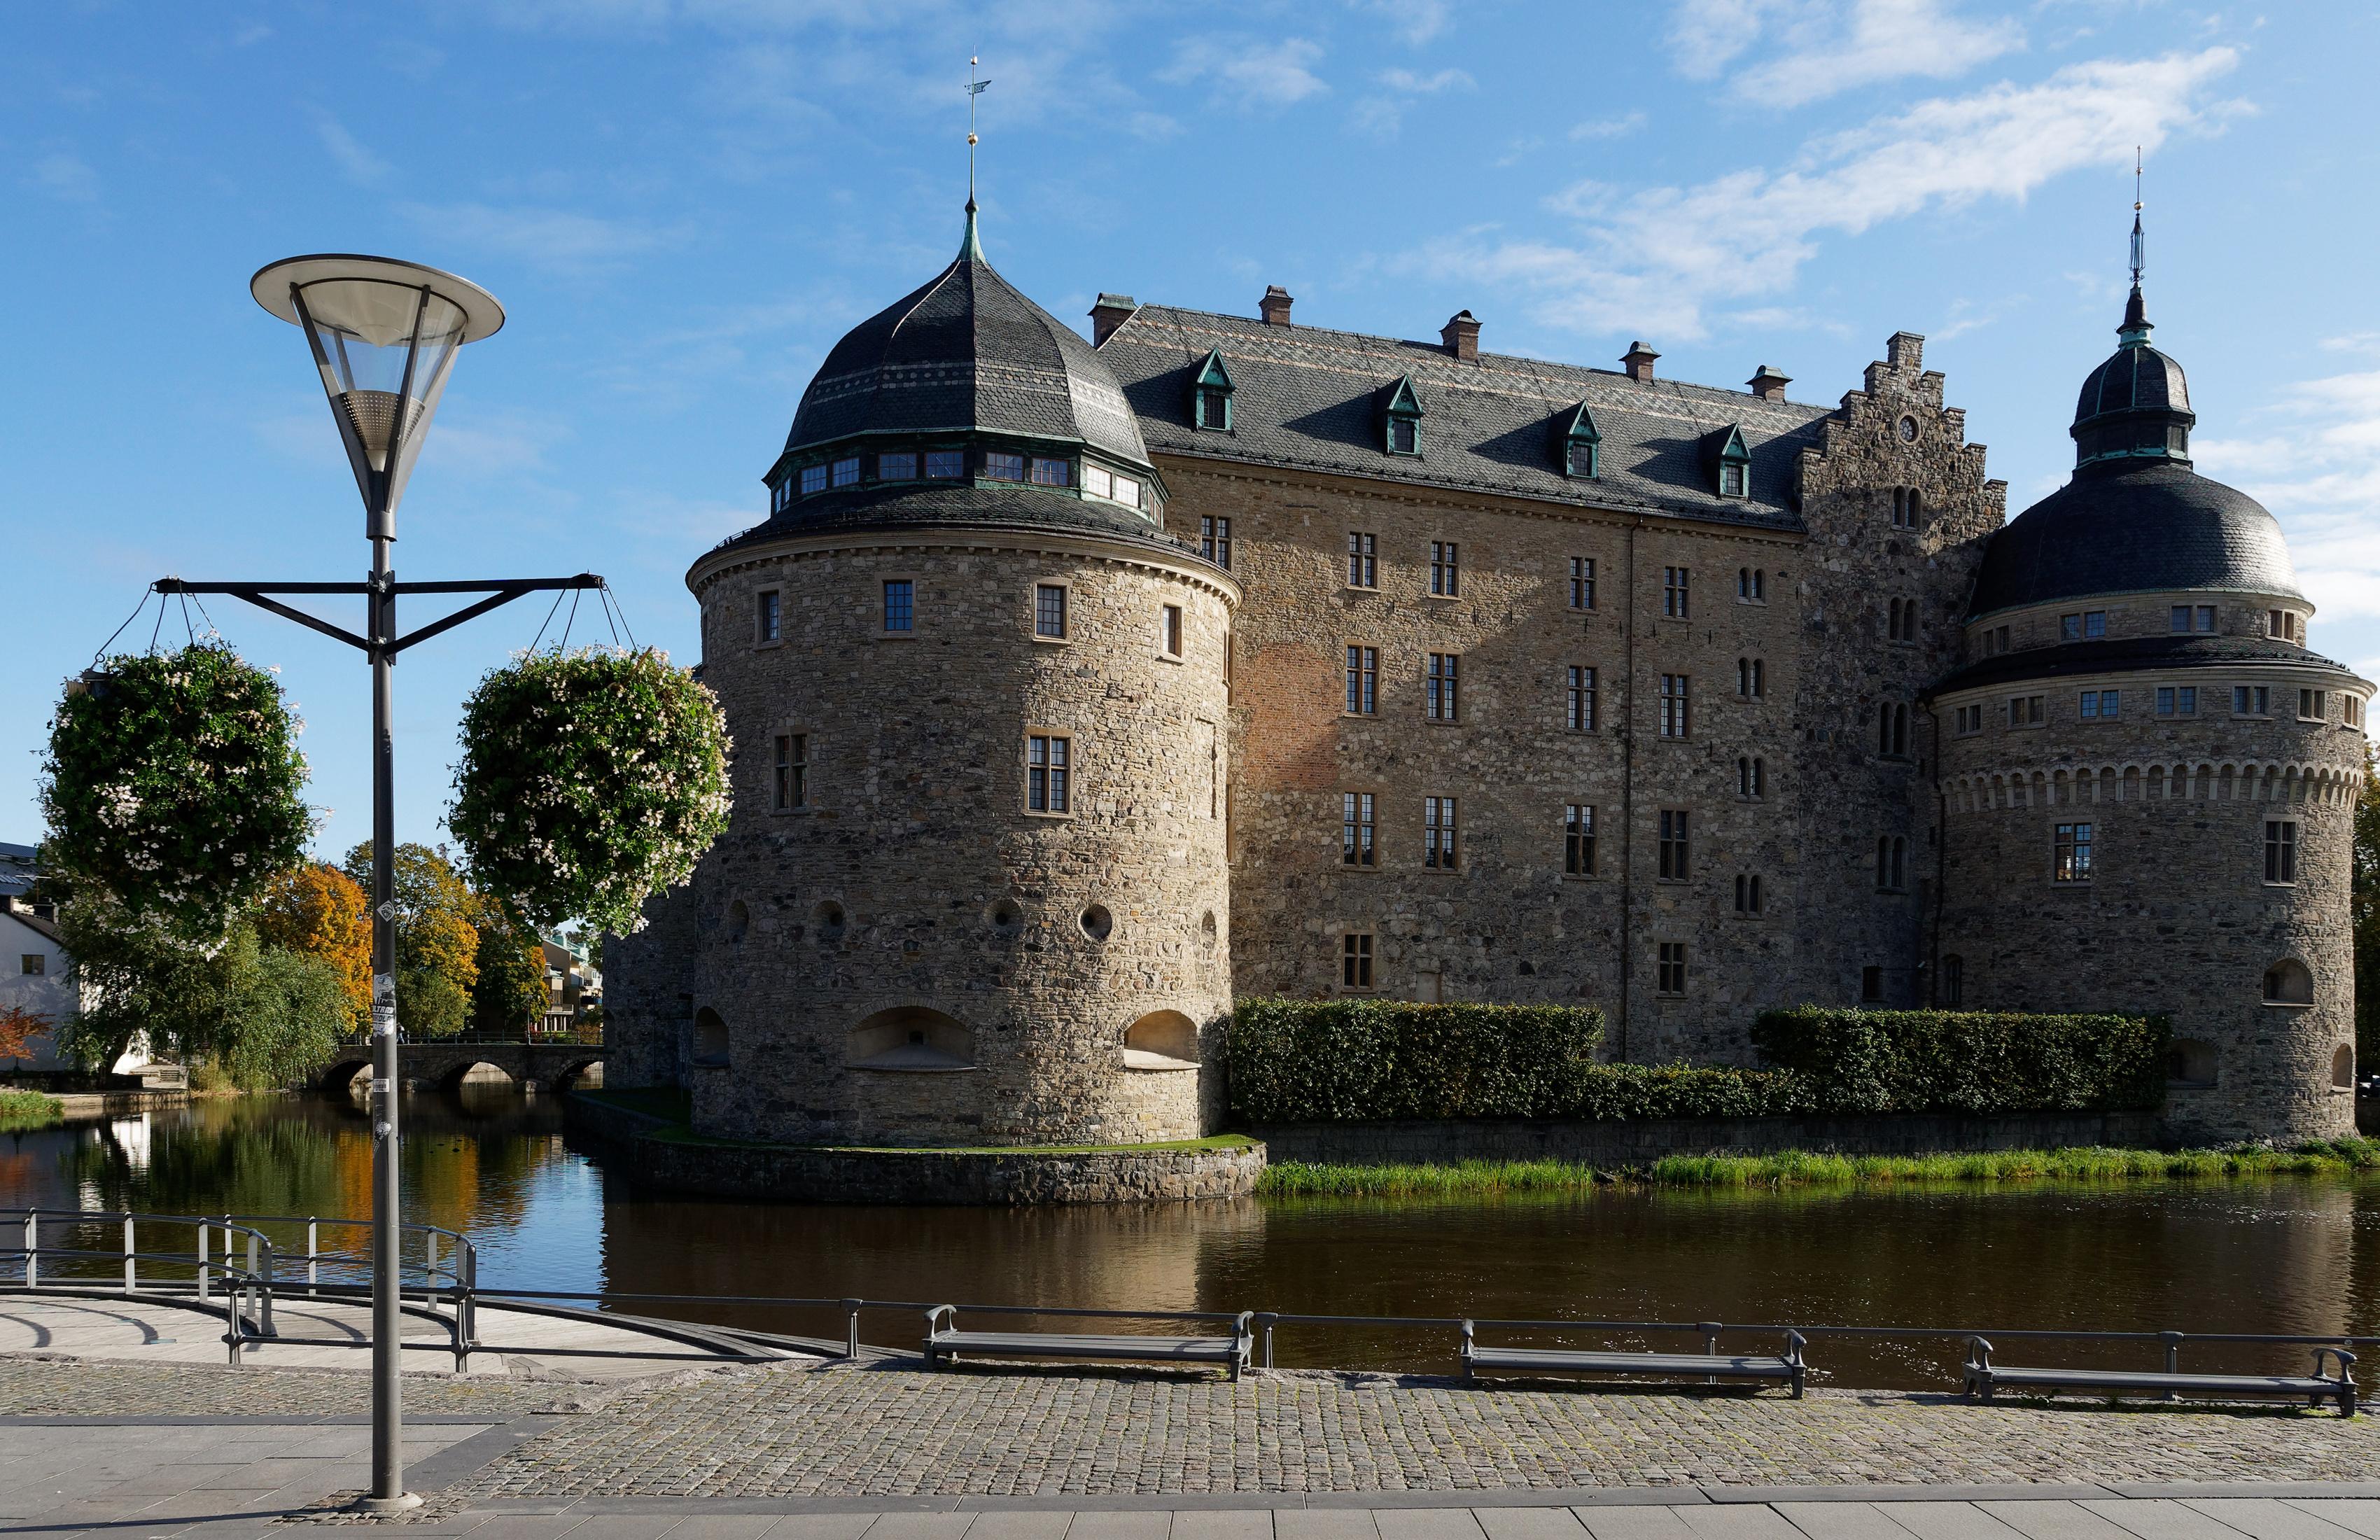 Обои для рабочего стола Швеция Orebro Castle Замки Пруд Уличные фонари город замок Города